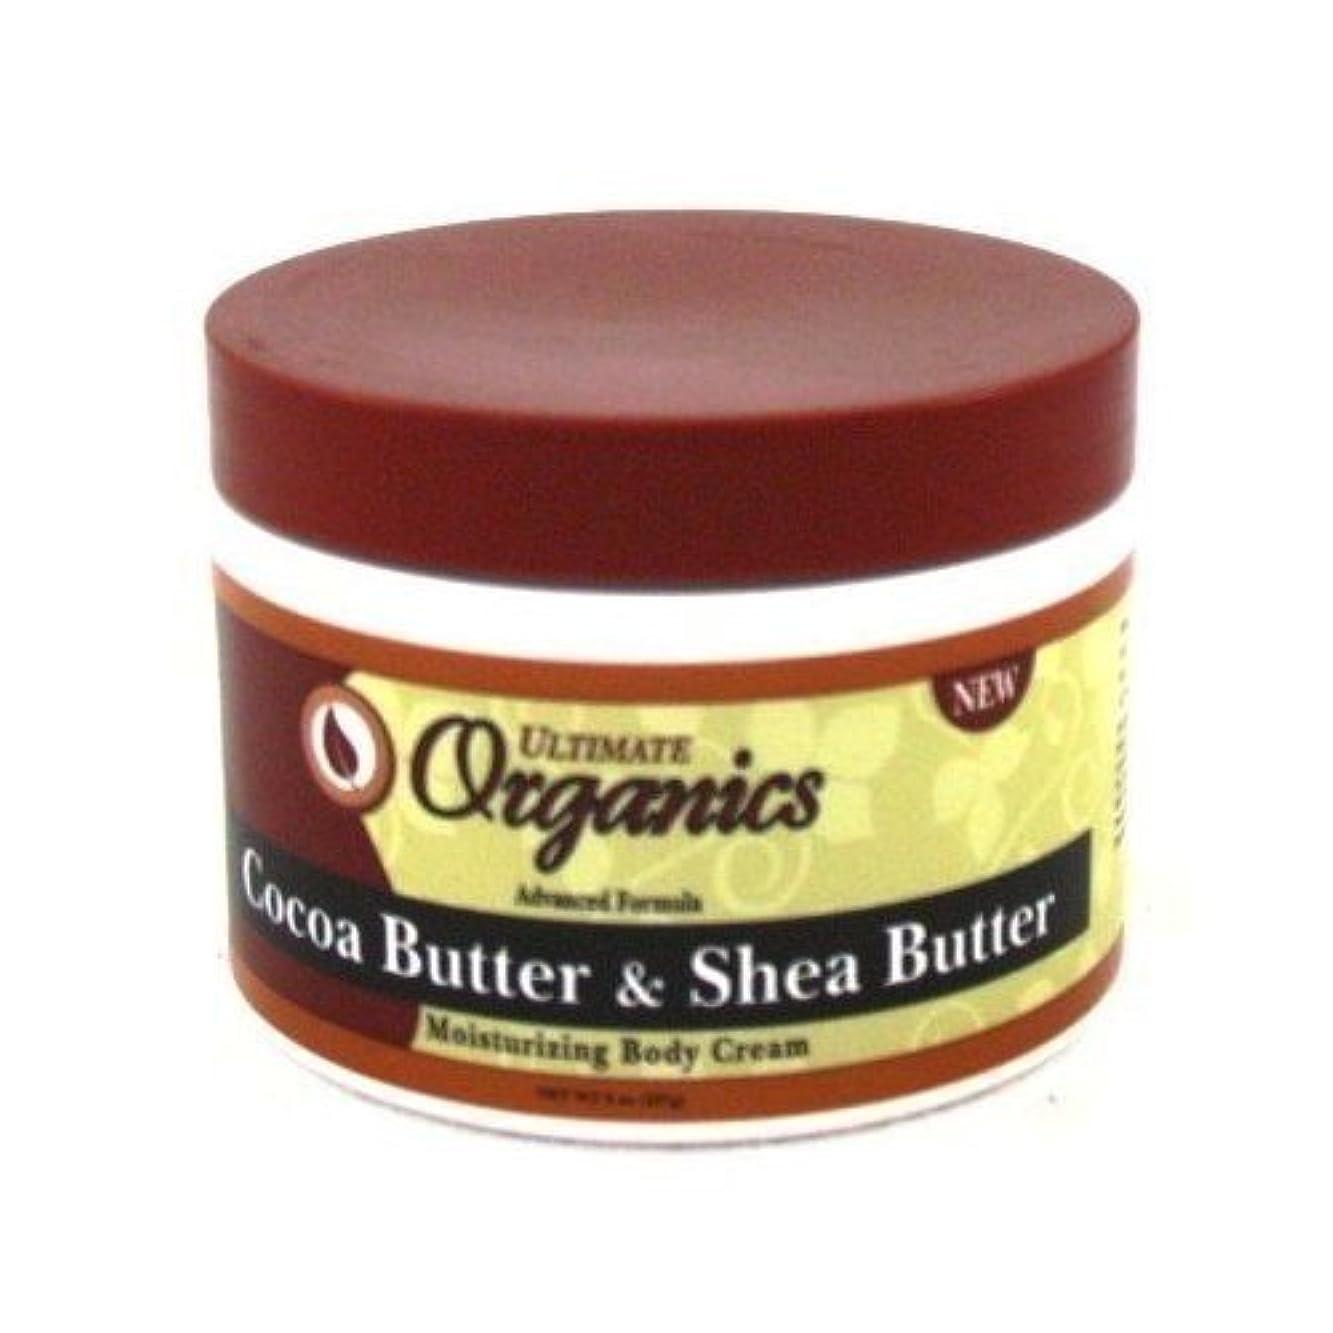 取る意味実行Ultimate Organics Cocoa Butter & Shea Butter Body Cream 235 ml (並行輸入品)